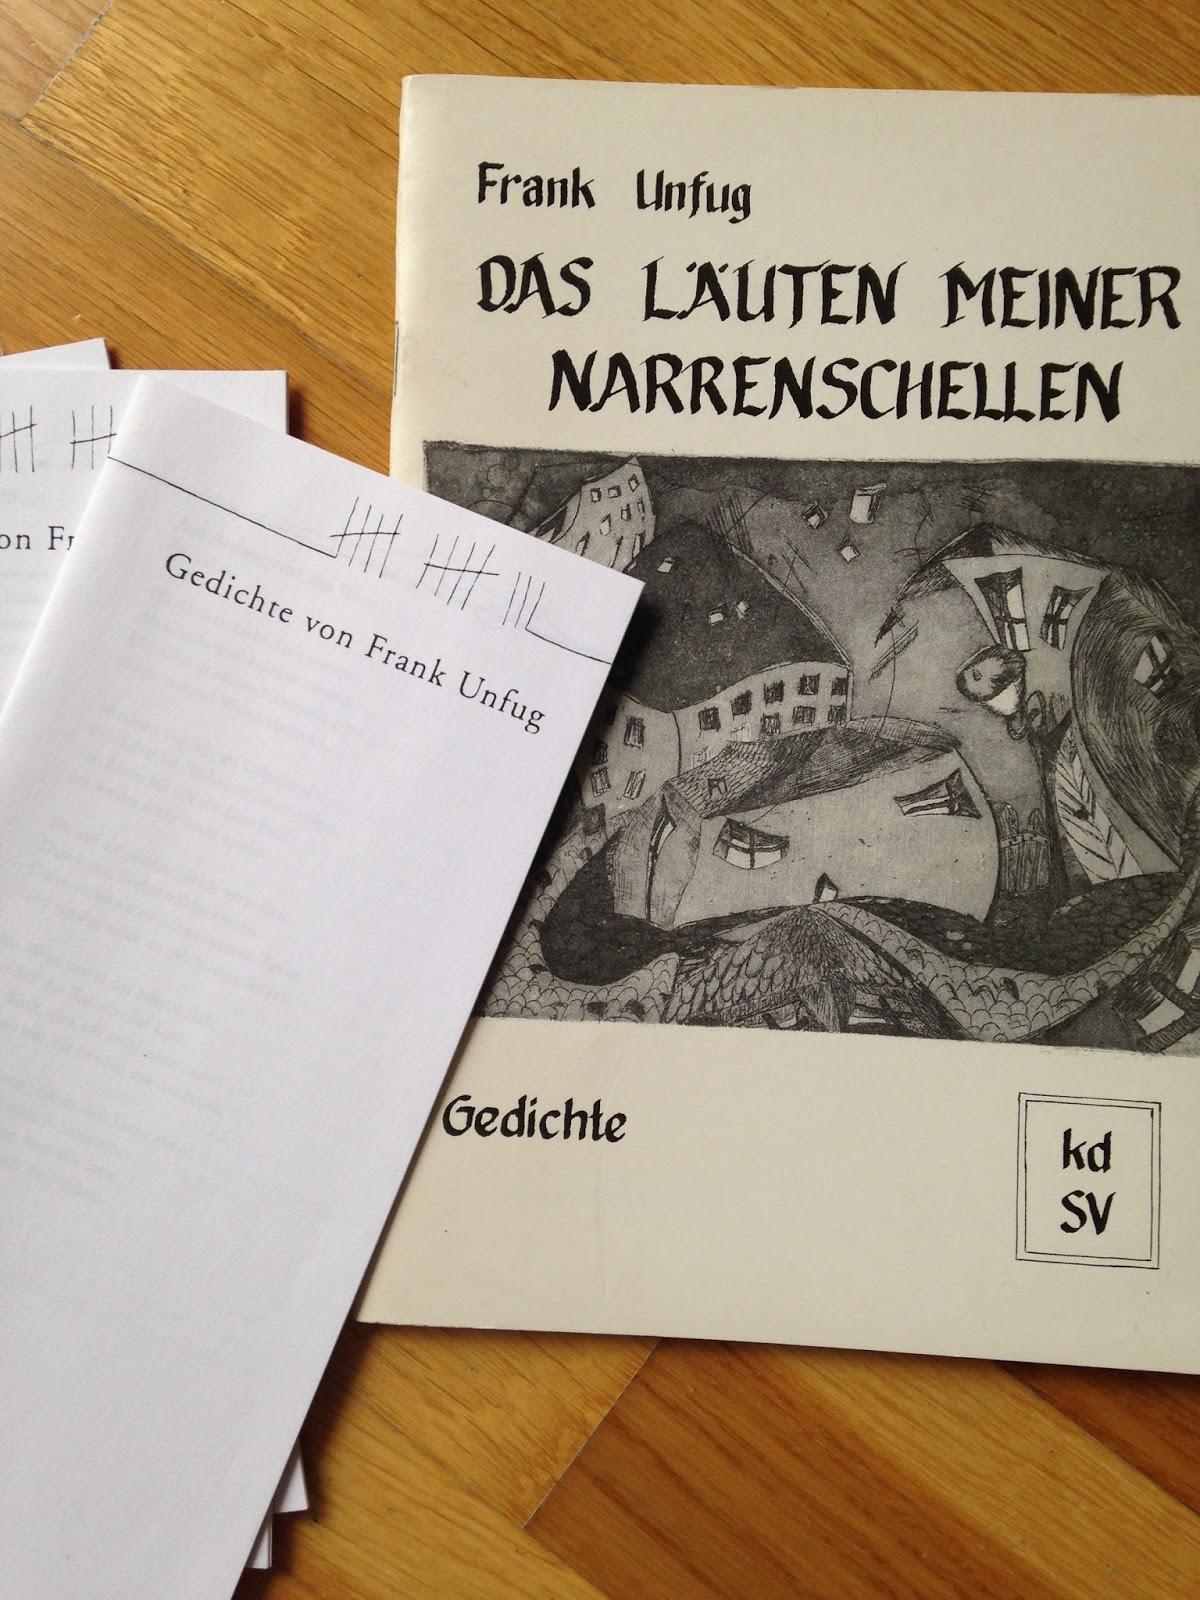 Roman Veröffentlichen Verlag Roman Veröffentlichen 2019 07 17